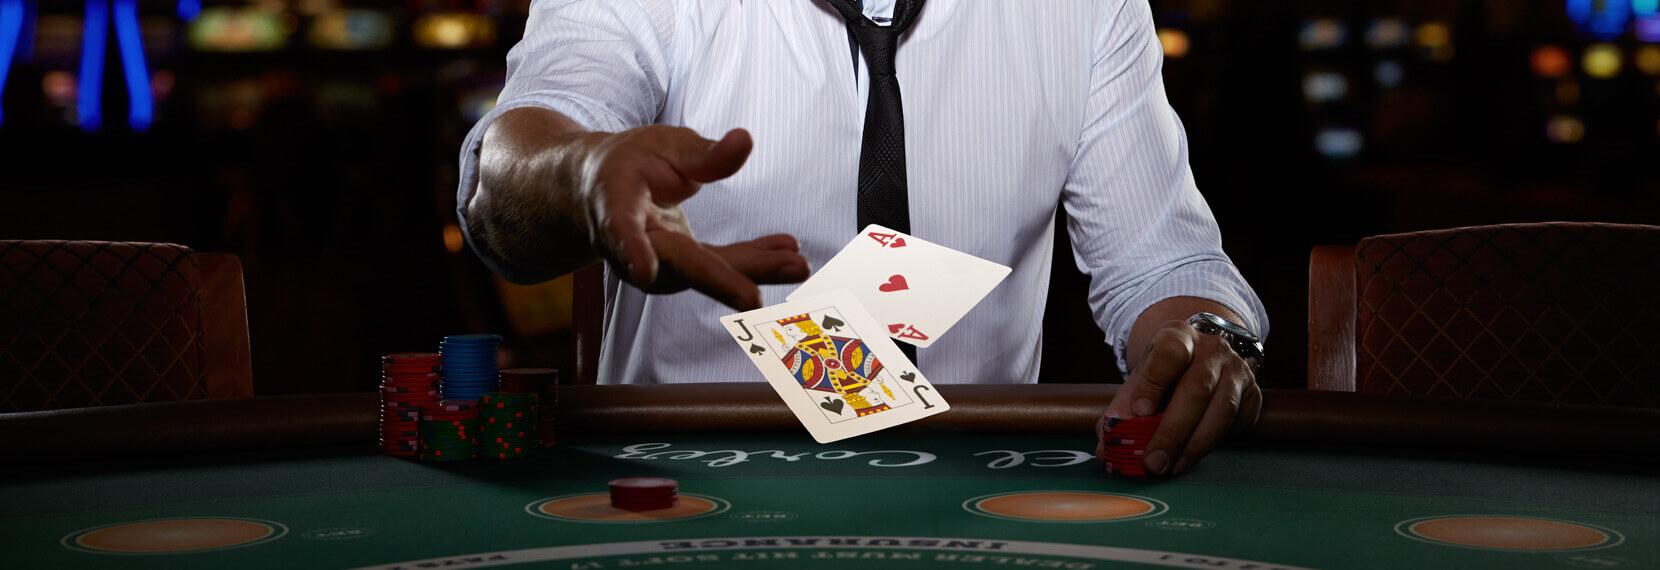 Blackjack : les joueurs peuvent compter les cartes !